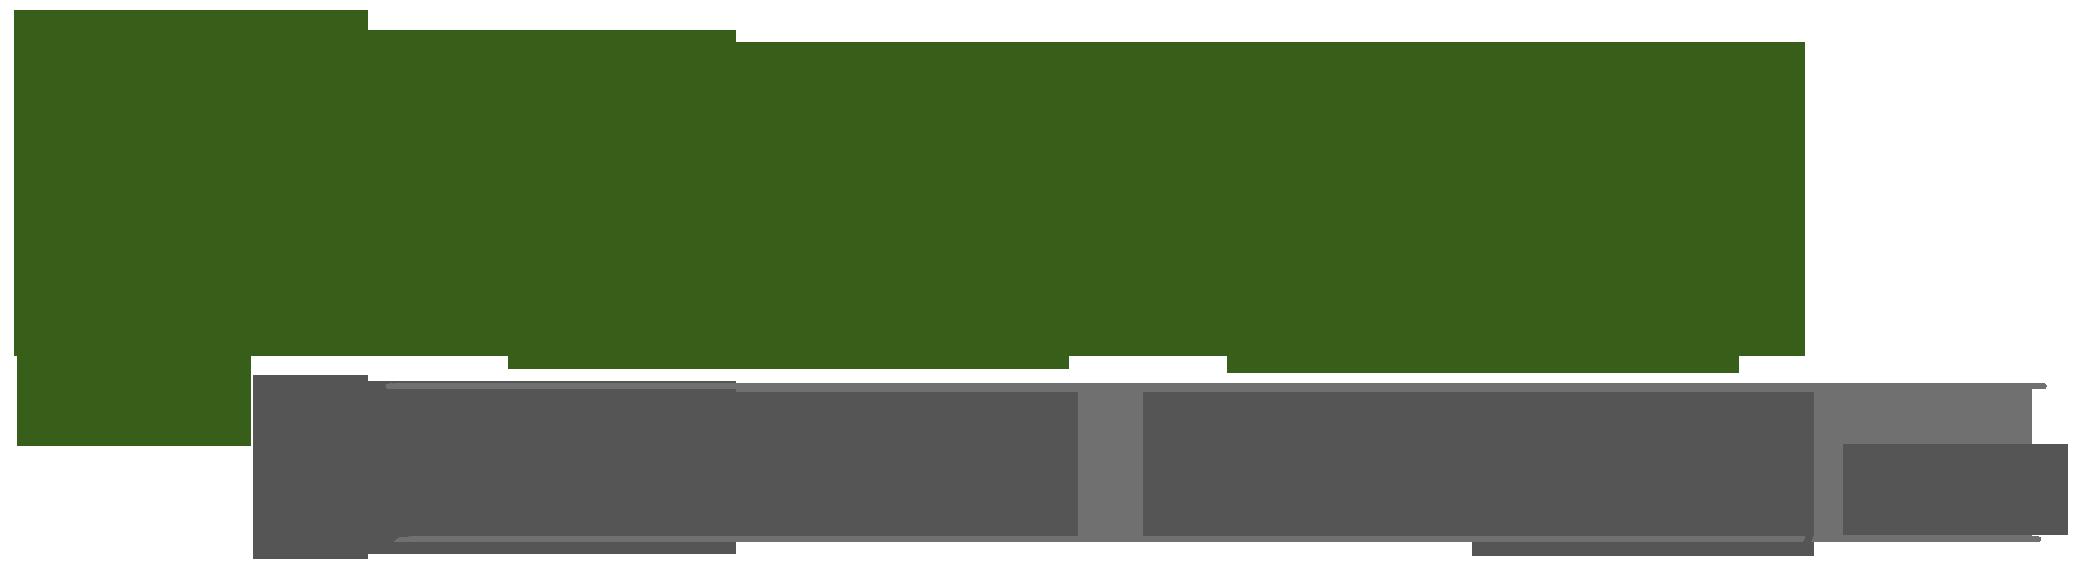 Penn Design Group website